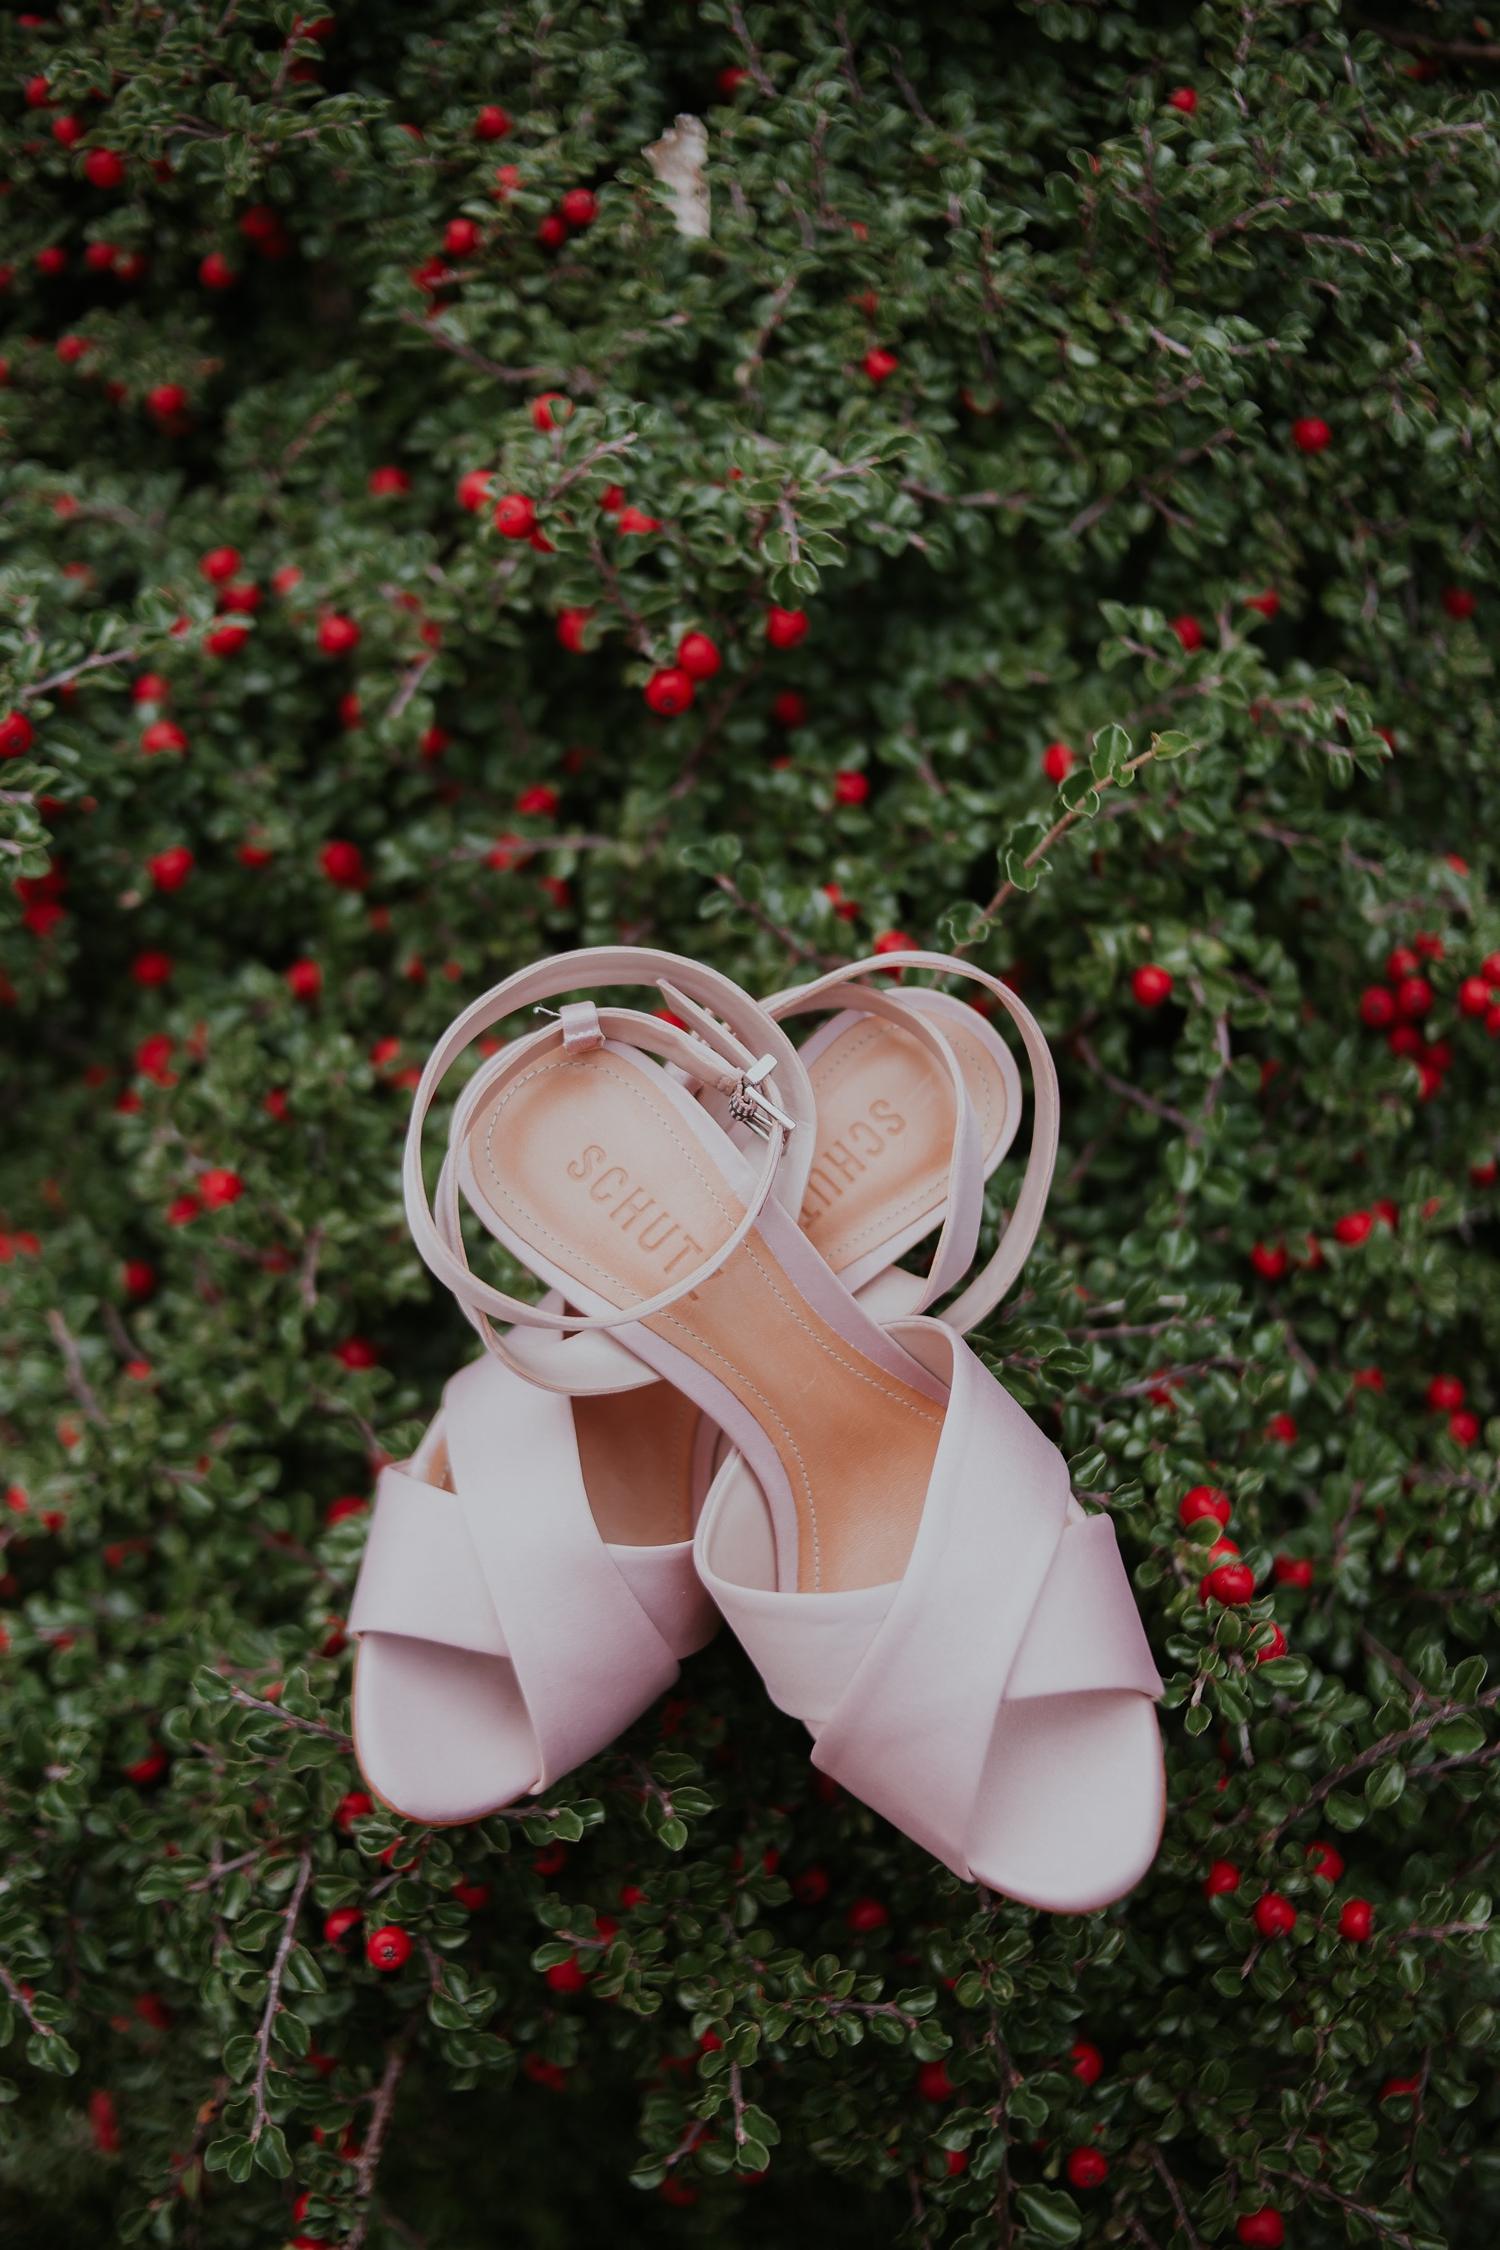 Alicia+lucia+photography+-+albuquerque+wedding+photographer+-+santa+fe+wedding+photography+-+new+mexico+wedding+photographer+-+wedding+bridal+shoe+-+wedding+style+edit_0023.jpg